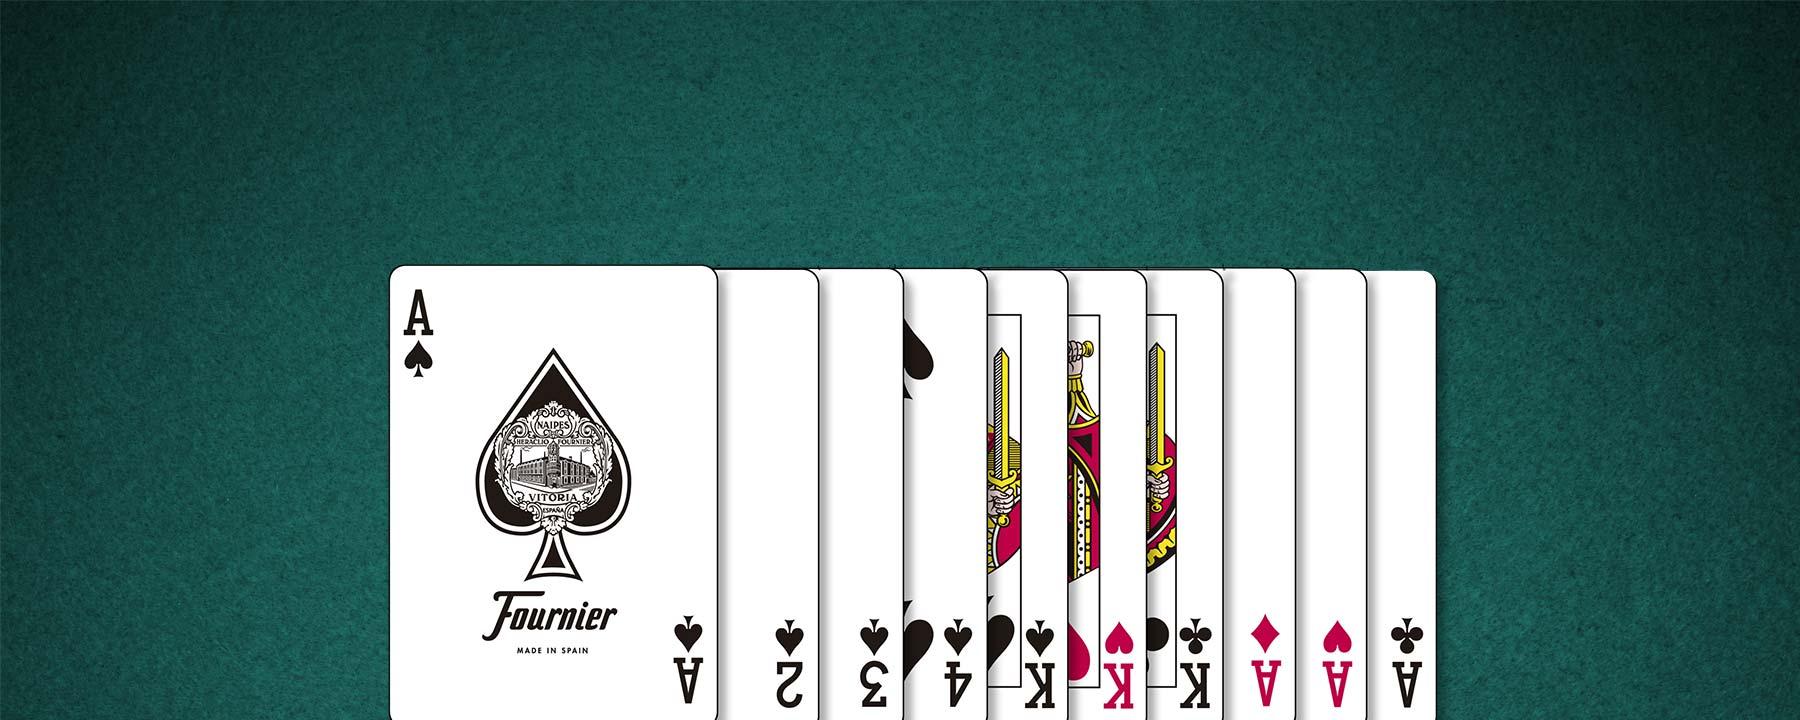 Códigos promocionales como se juega a la banca con cartas-305537